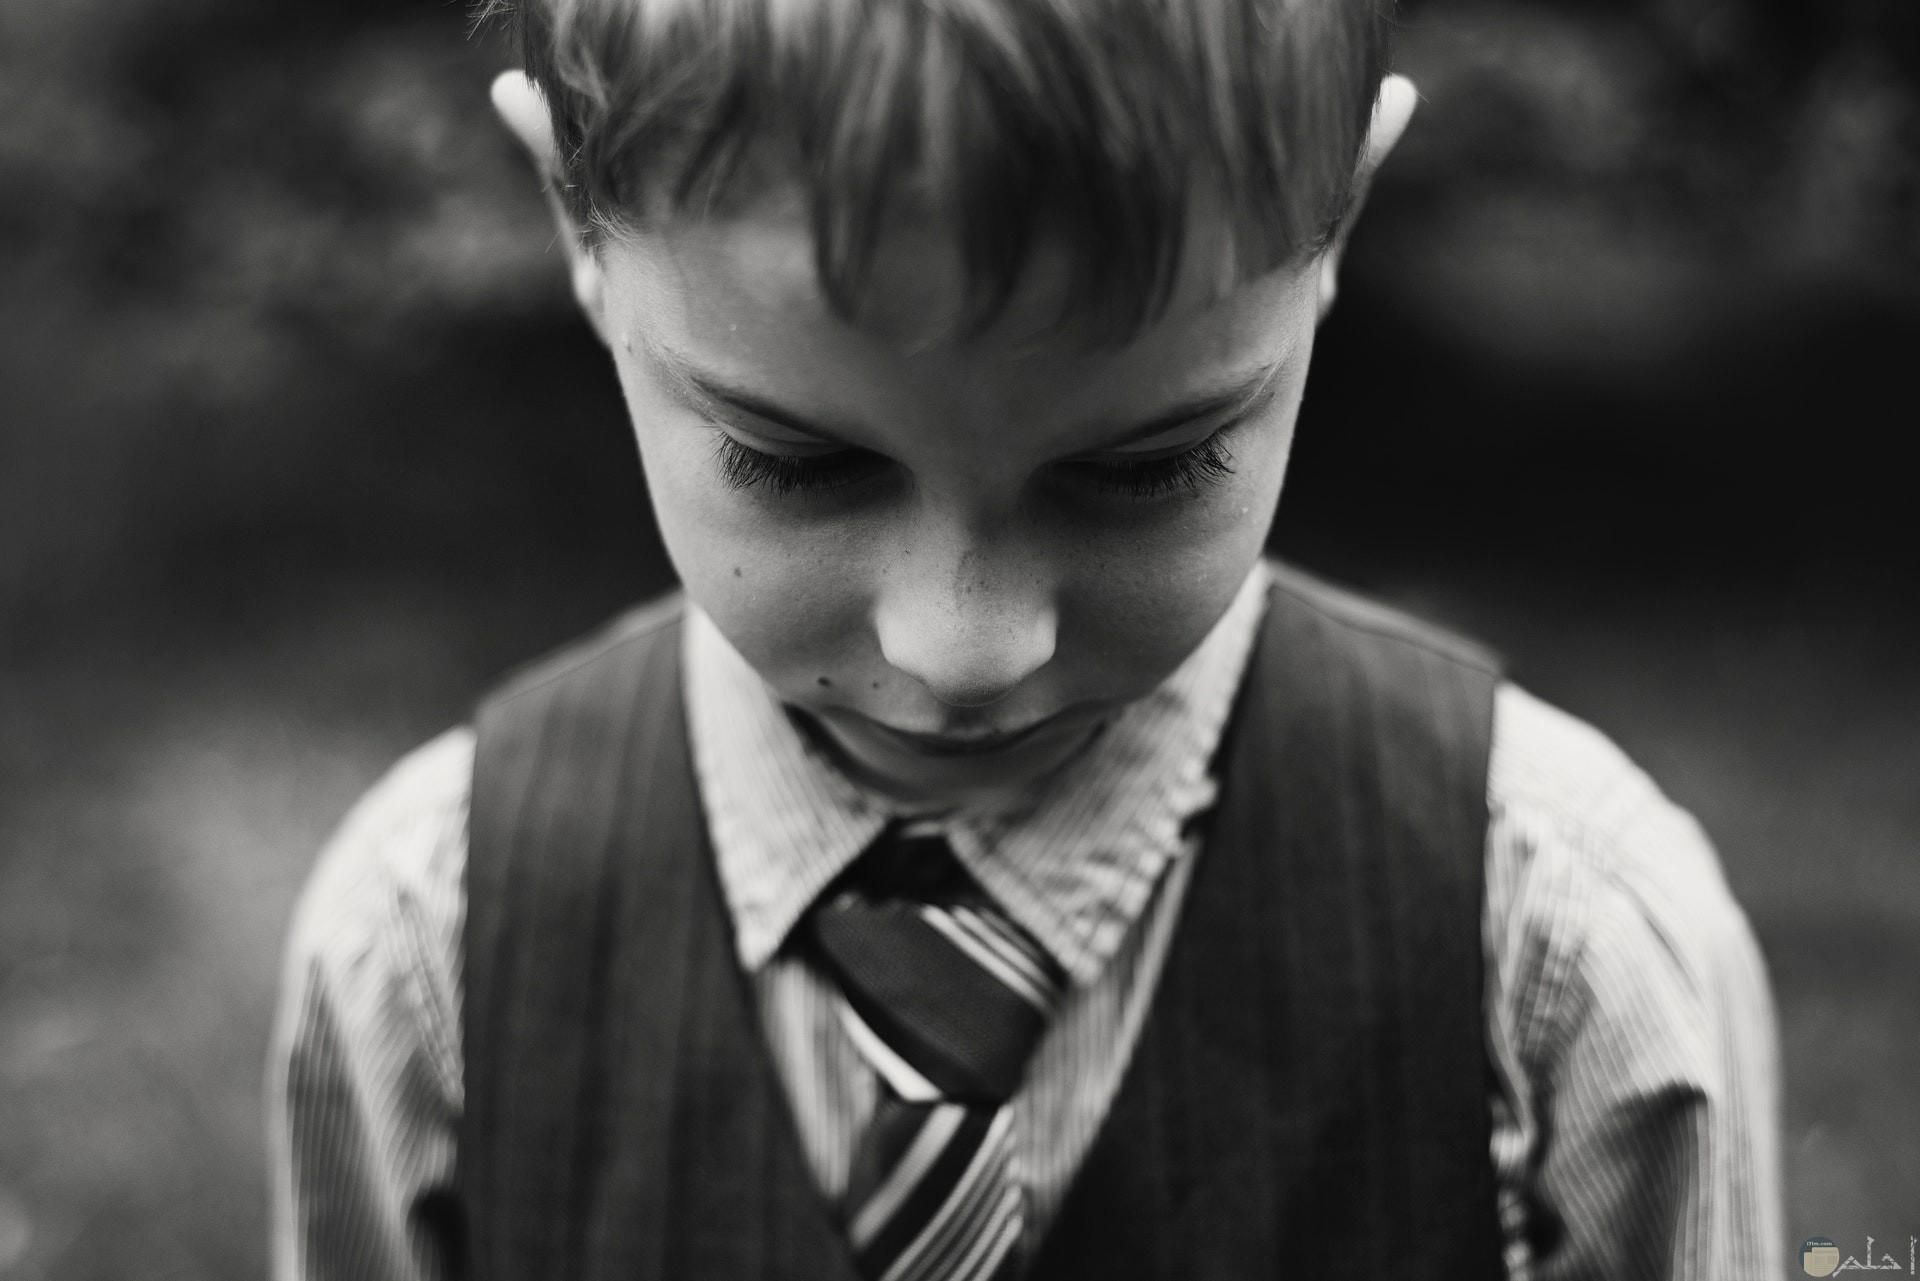 صورة حزينة لطفل صغير حزين